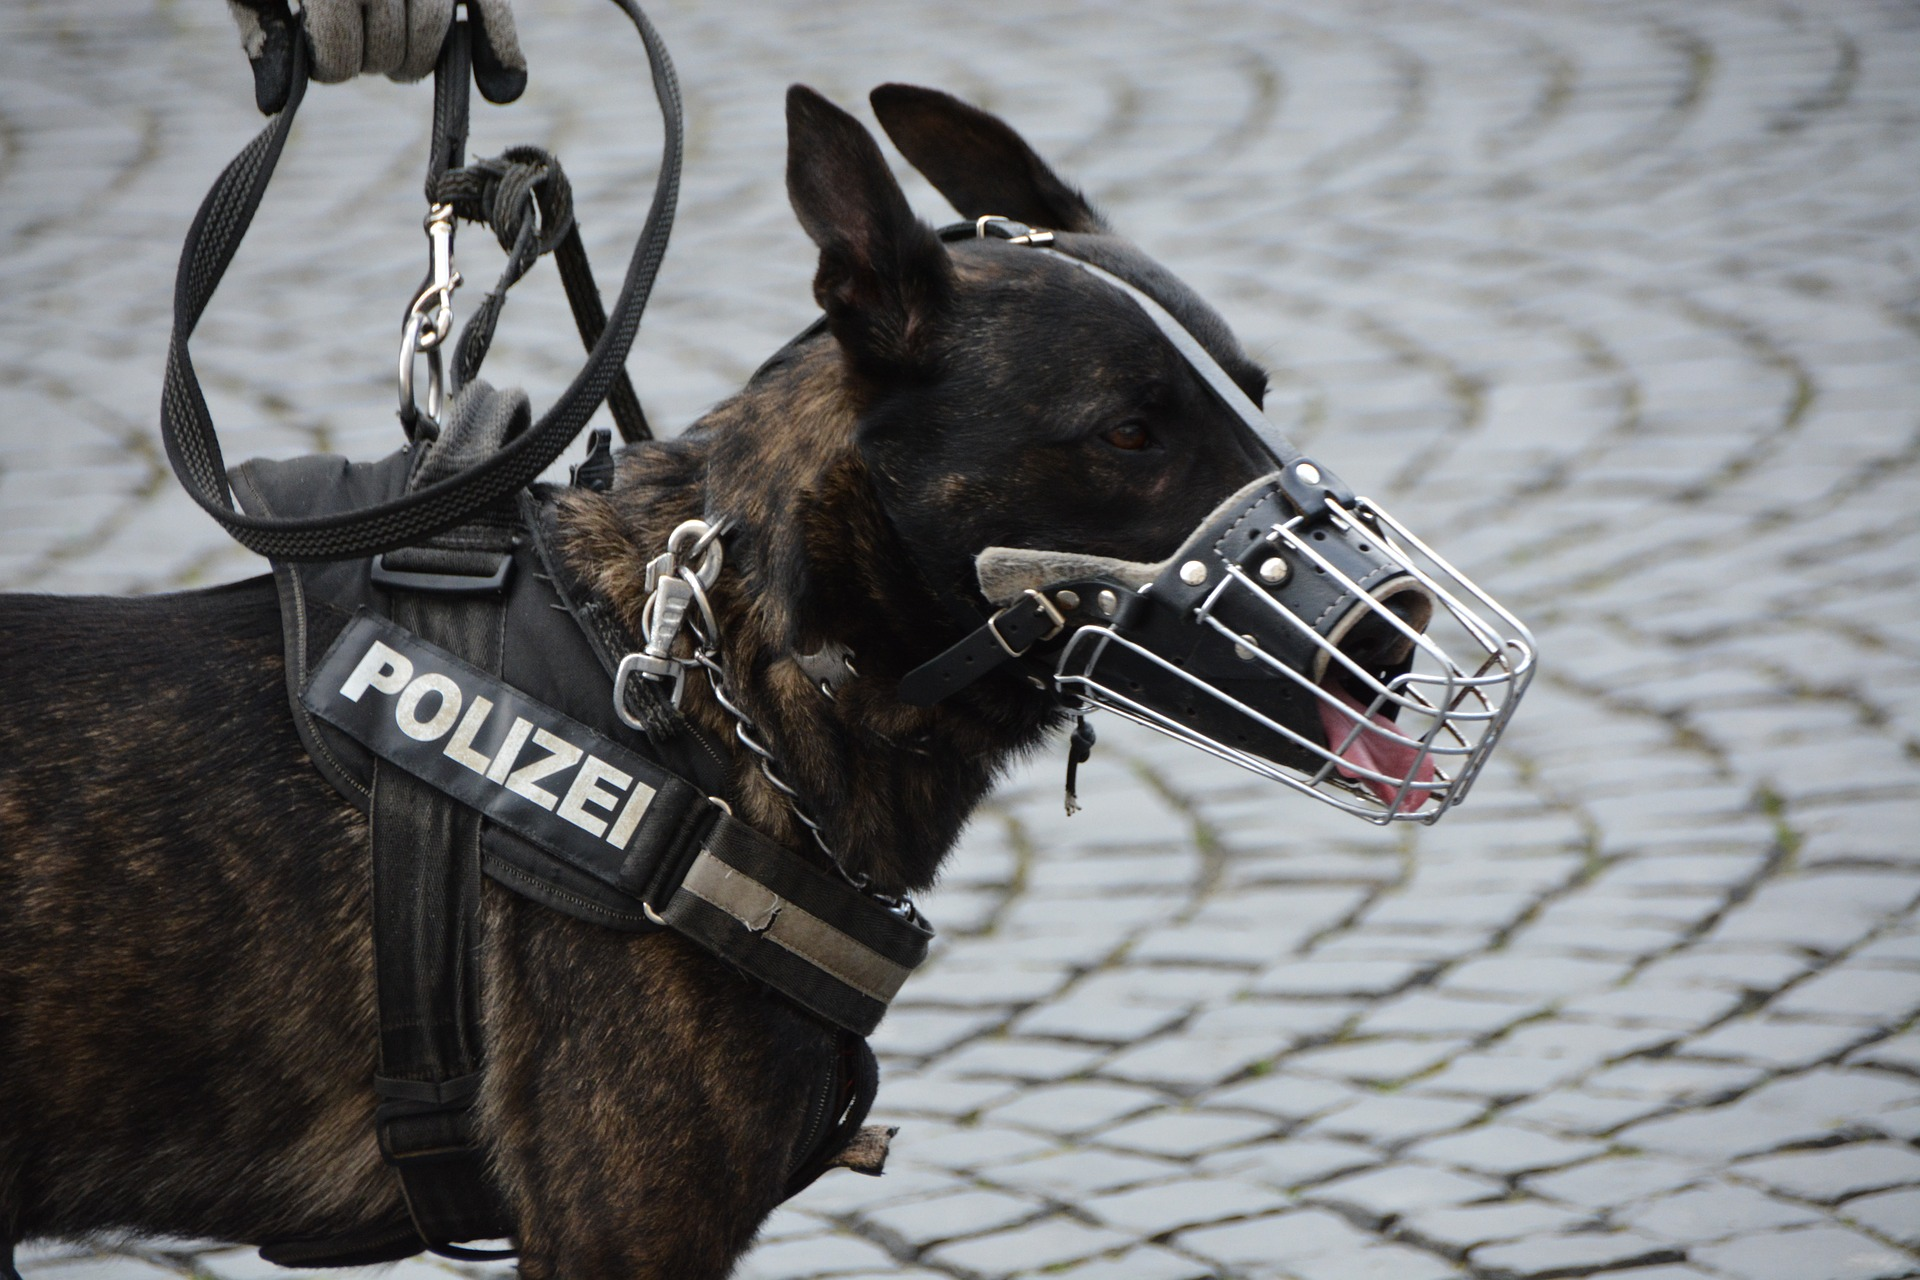 Bundespolizei Kaiserslautern ermittelt gegen gewaltbereite regionale Sprayerbande